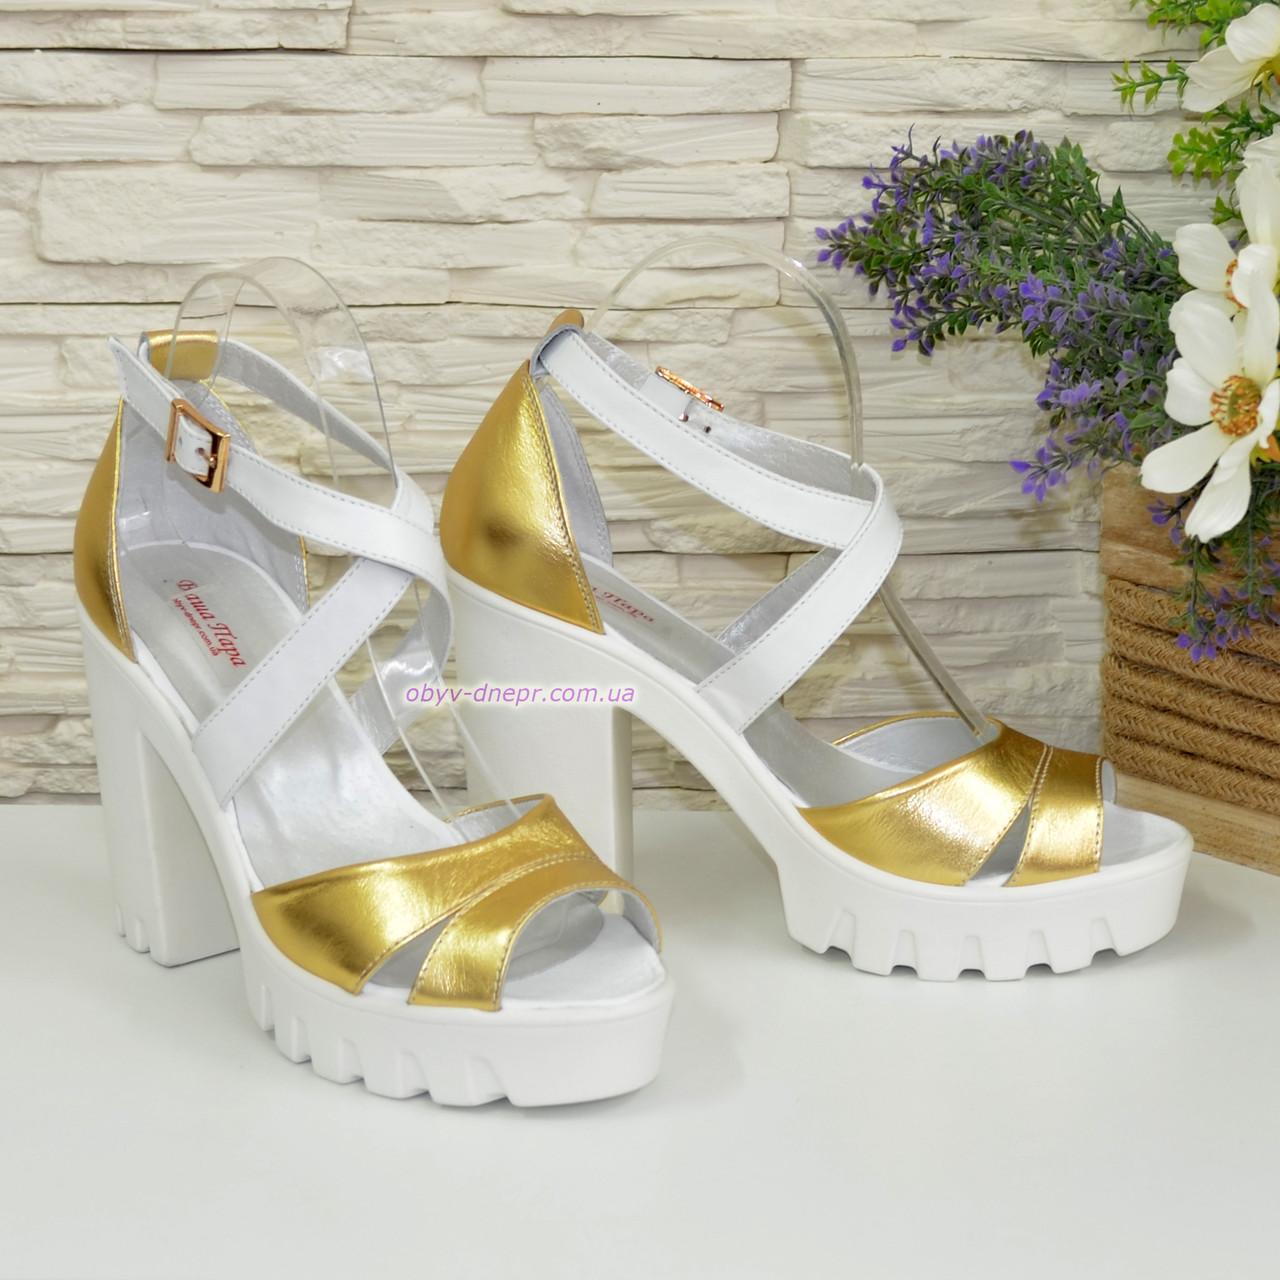 2622aaf74dff Босоножки женские на высоком каблуке, из натуральной кожи золотистого и  белого цвета. 38 размер